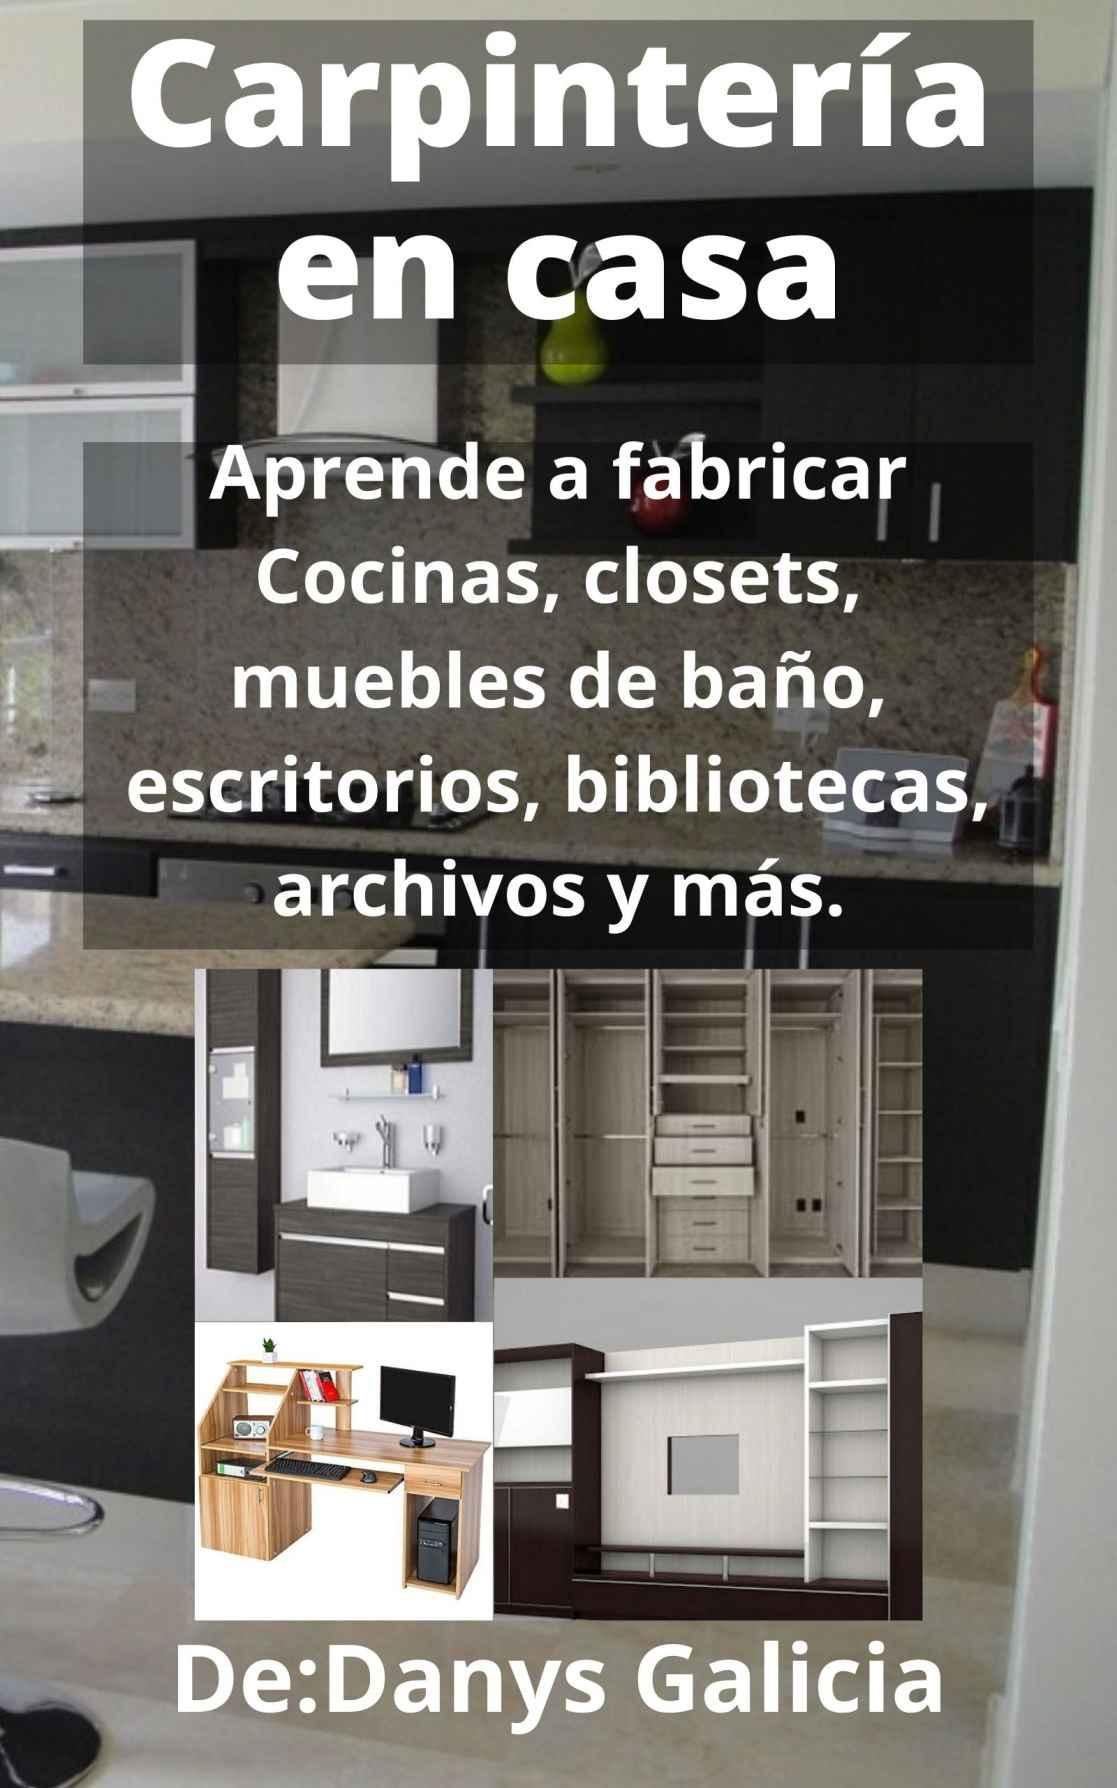 Carpintería en casa de Danys Galicia